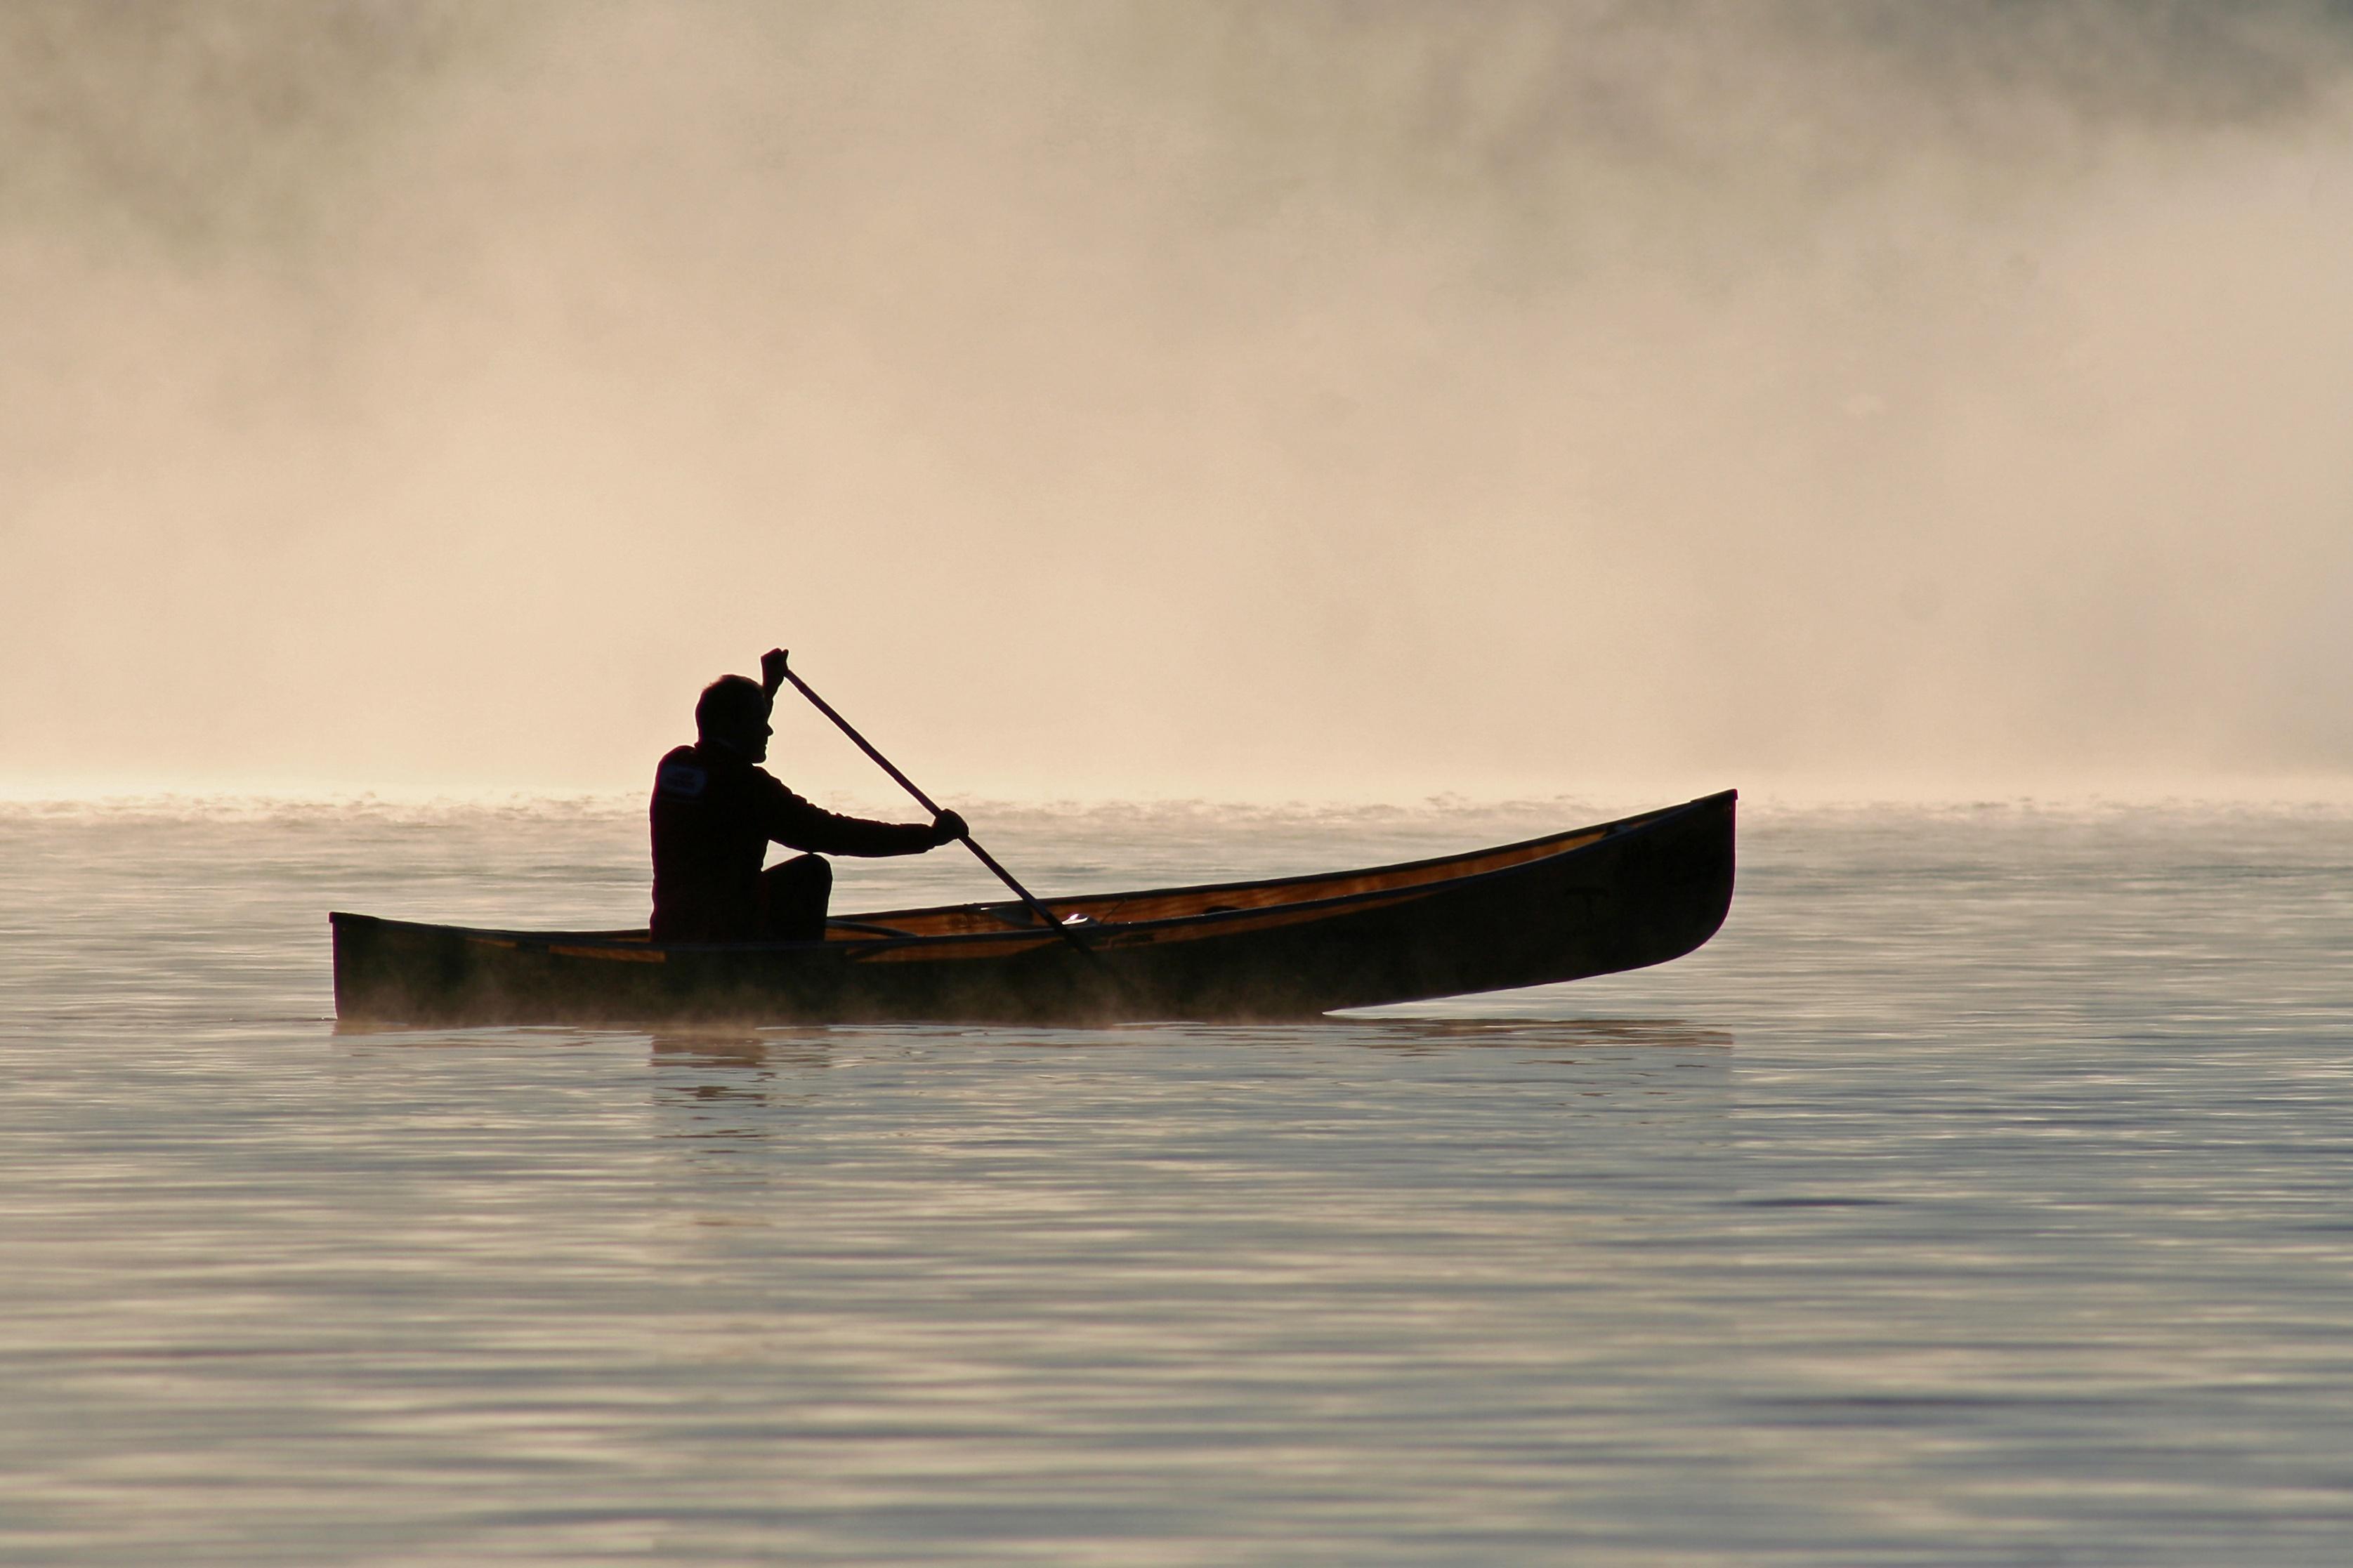 Man in boat_v2.jpg